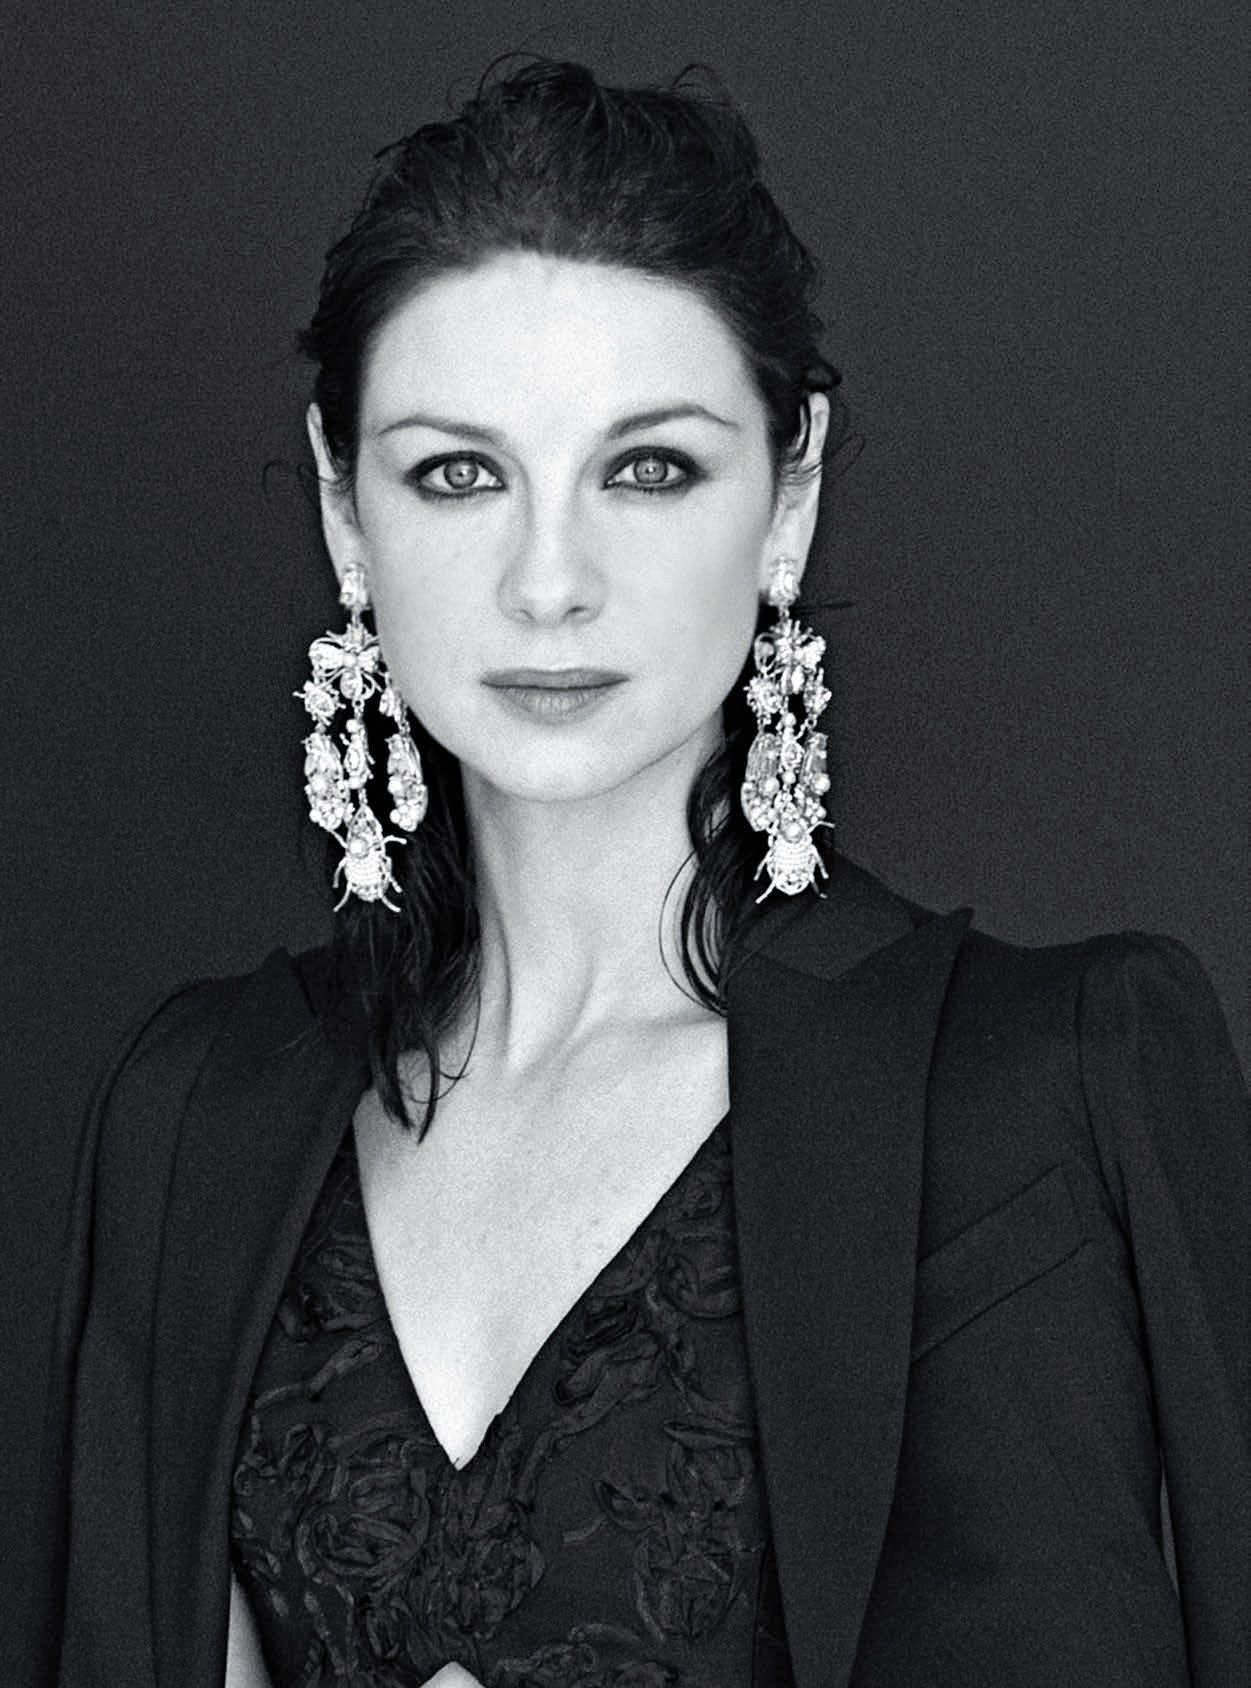 Andrea Brillantes (b. 2003) images